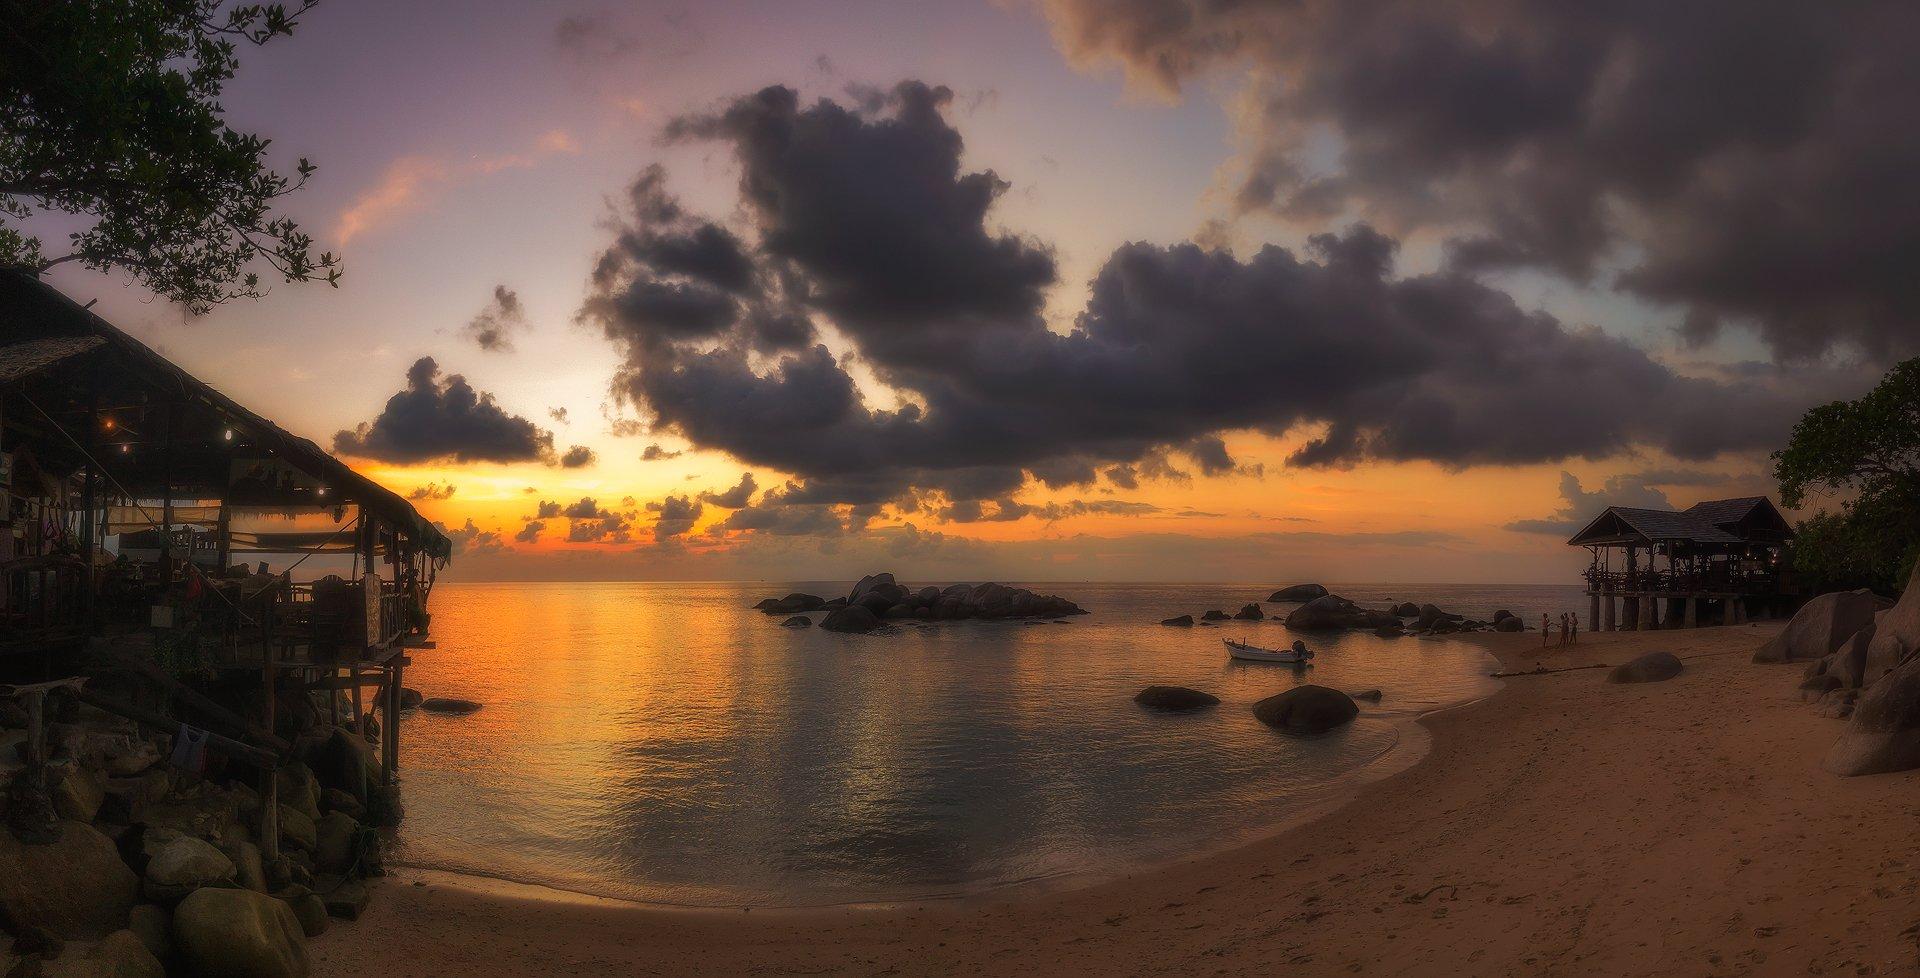 панорама, закат, остров, пейзаж, панорама, путешествие, таиланд, остров, тао, солнечный,, Валерий Ряснянский